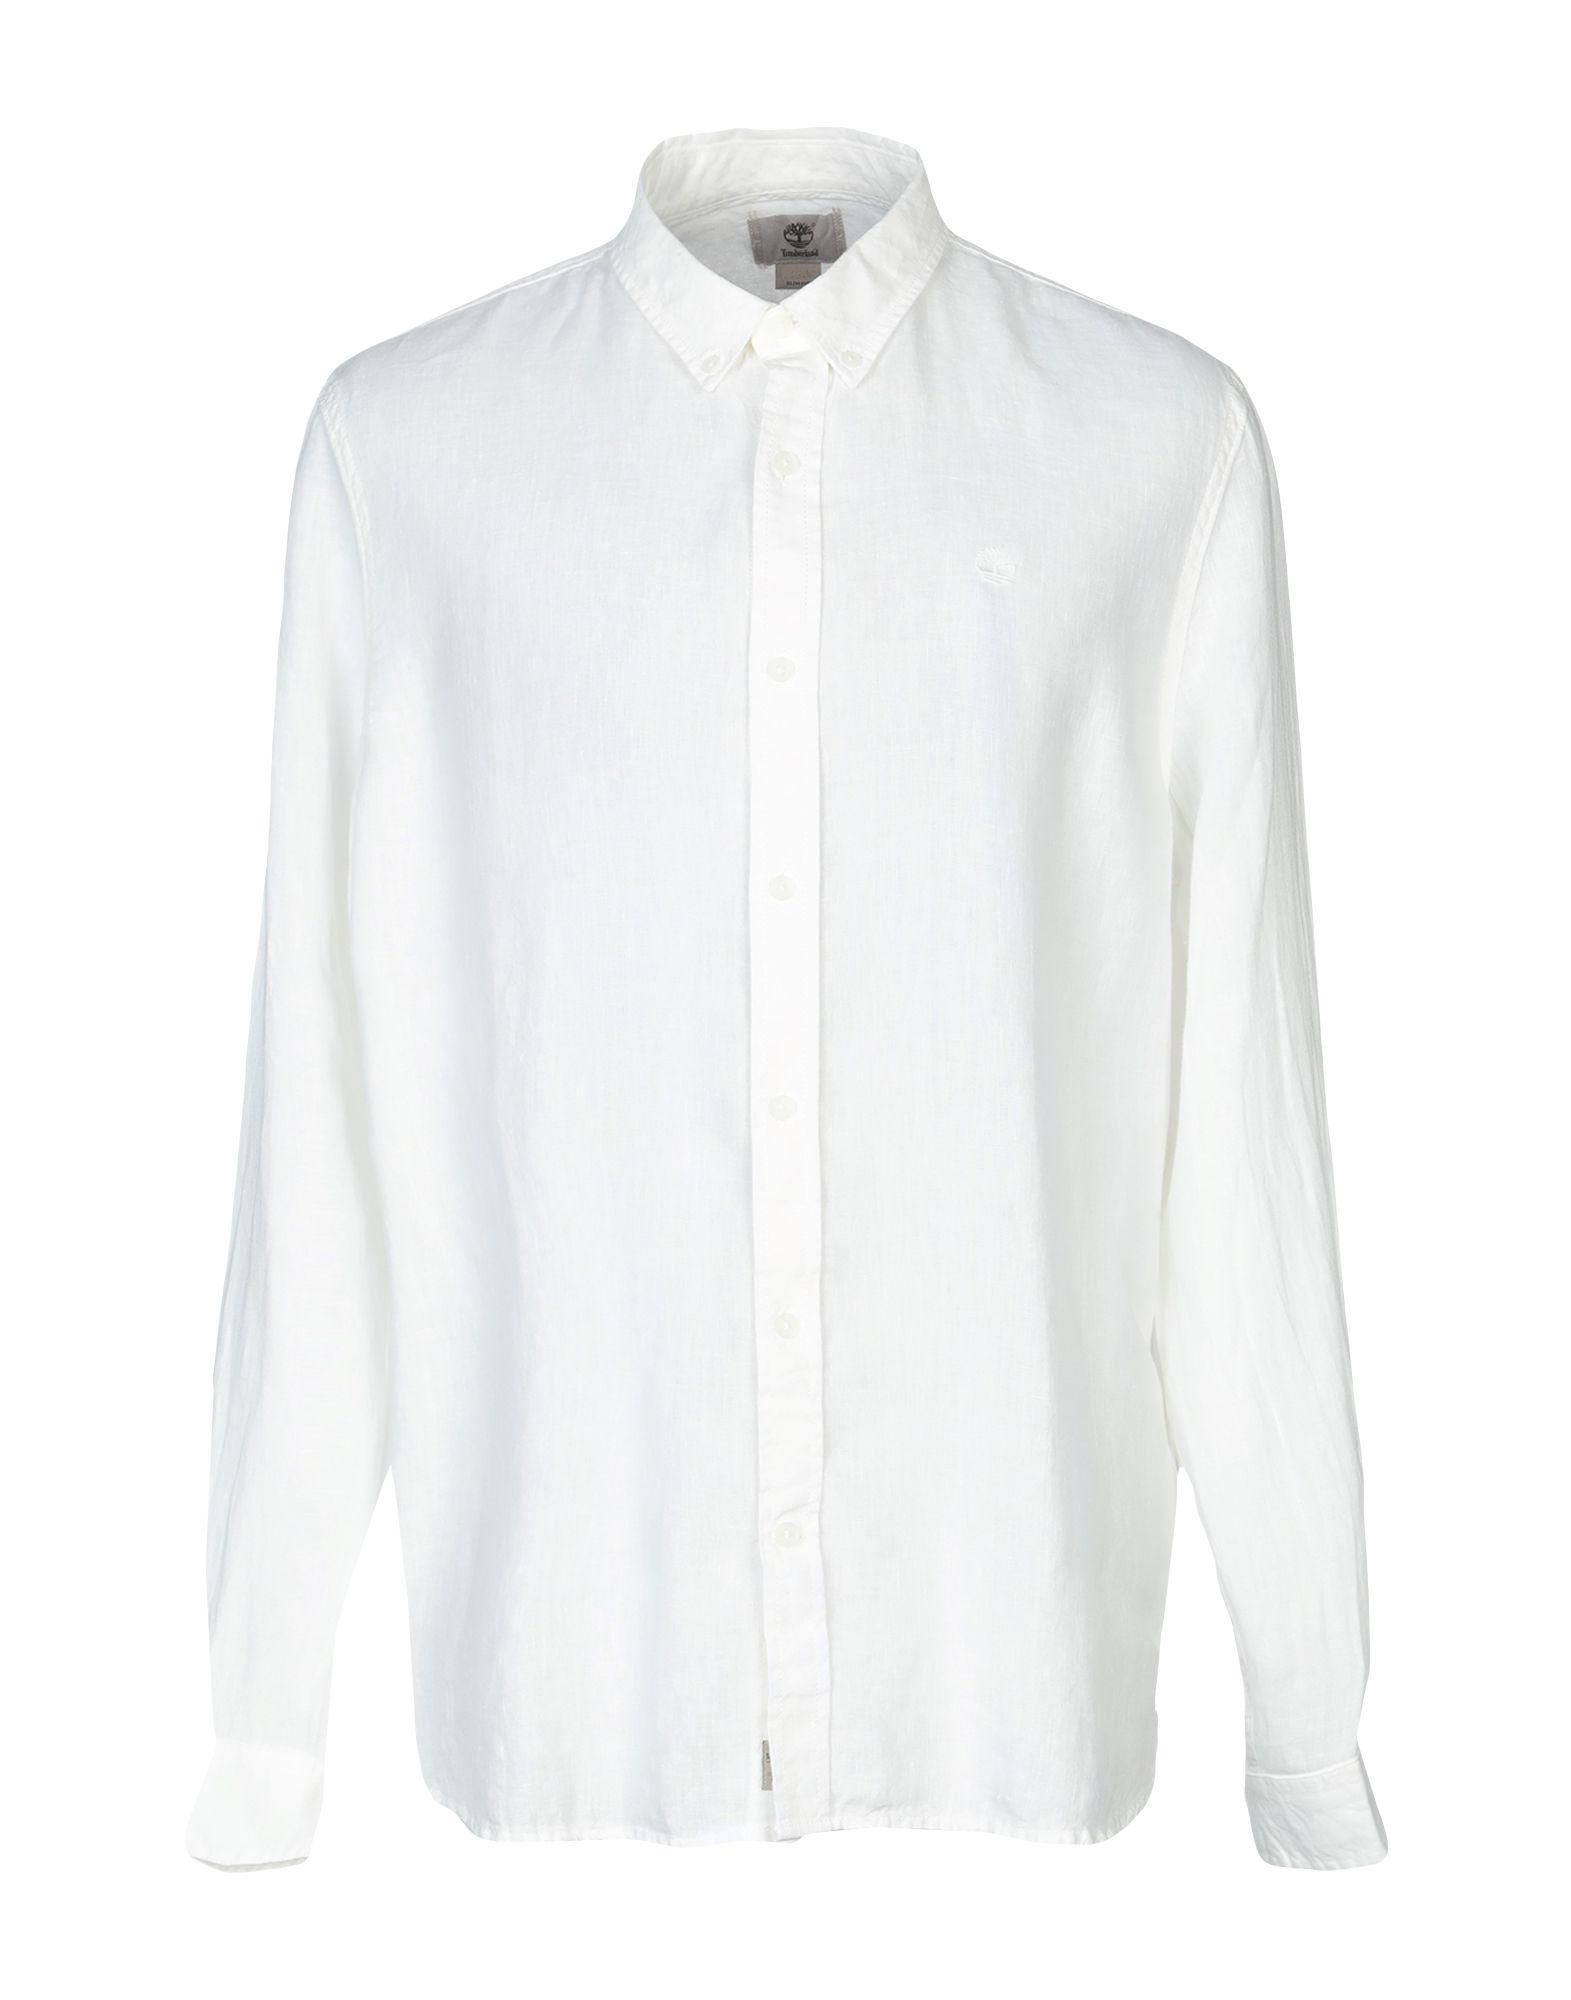 《送料無料》TIMBERLAND メンズ シャツ アイボリー XL 麻 100%